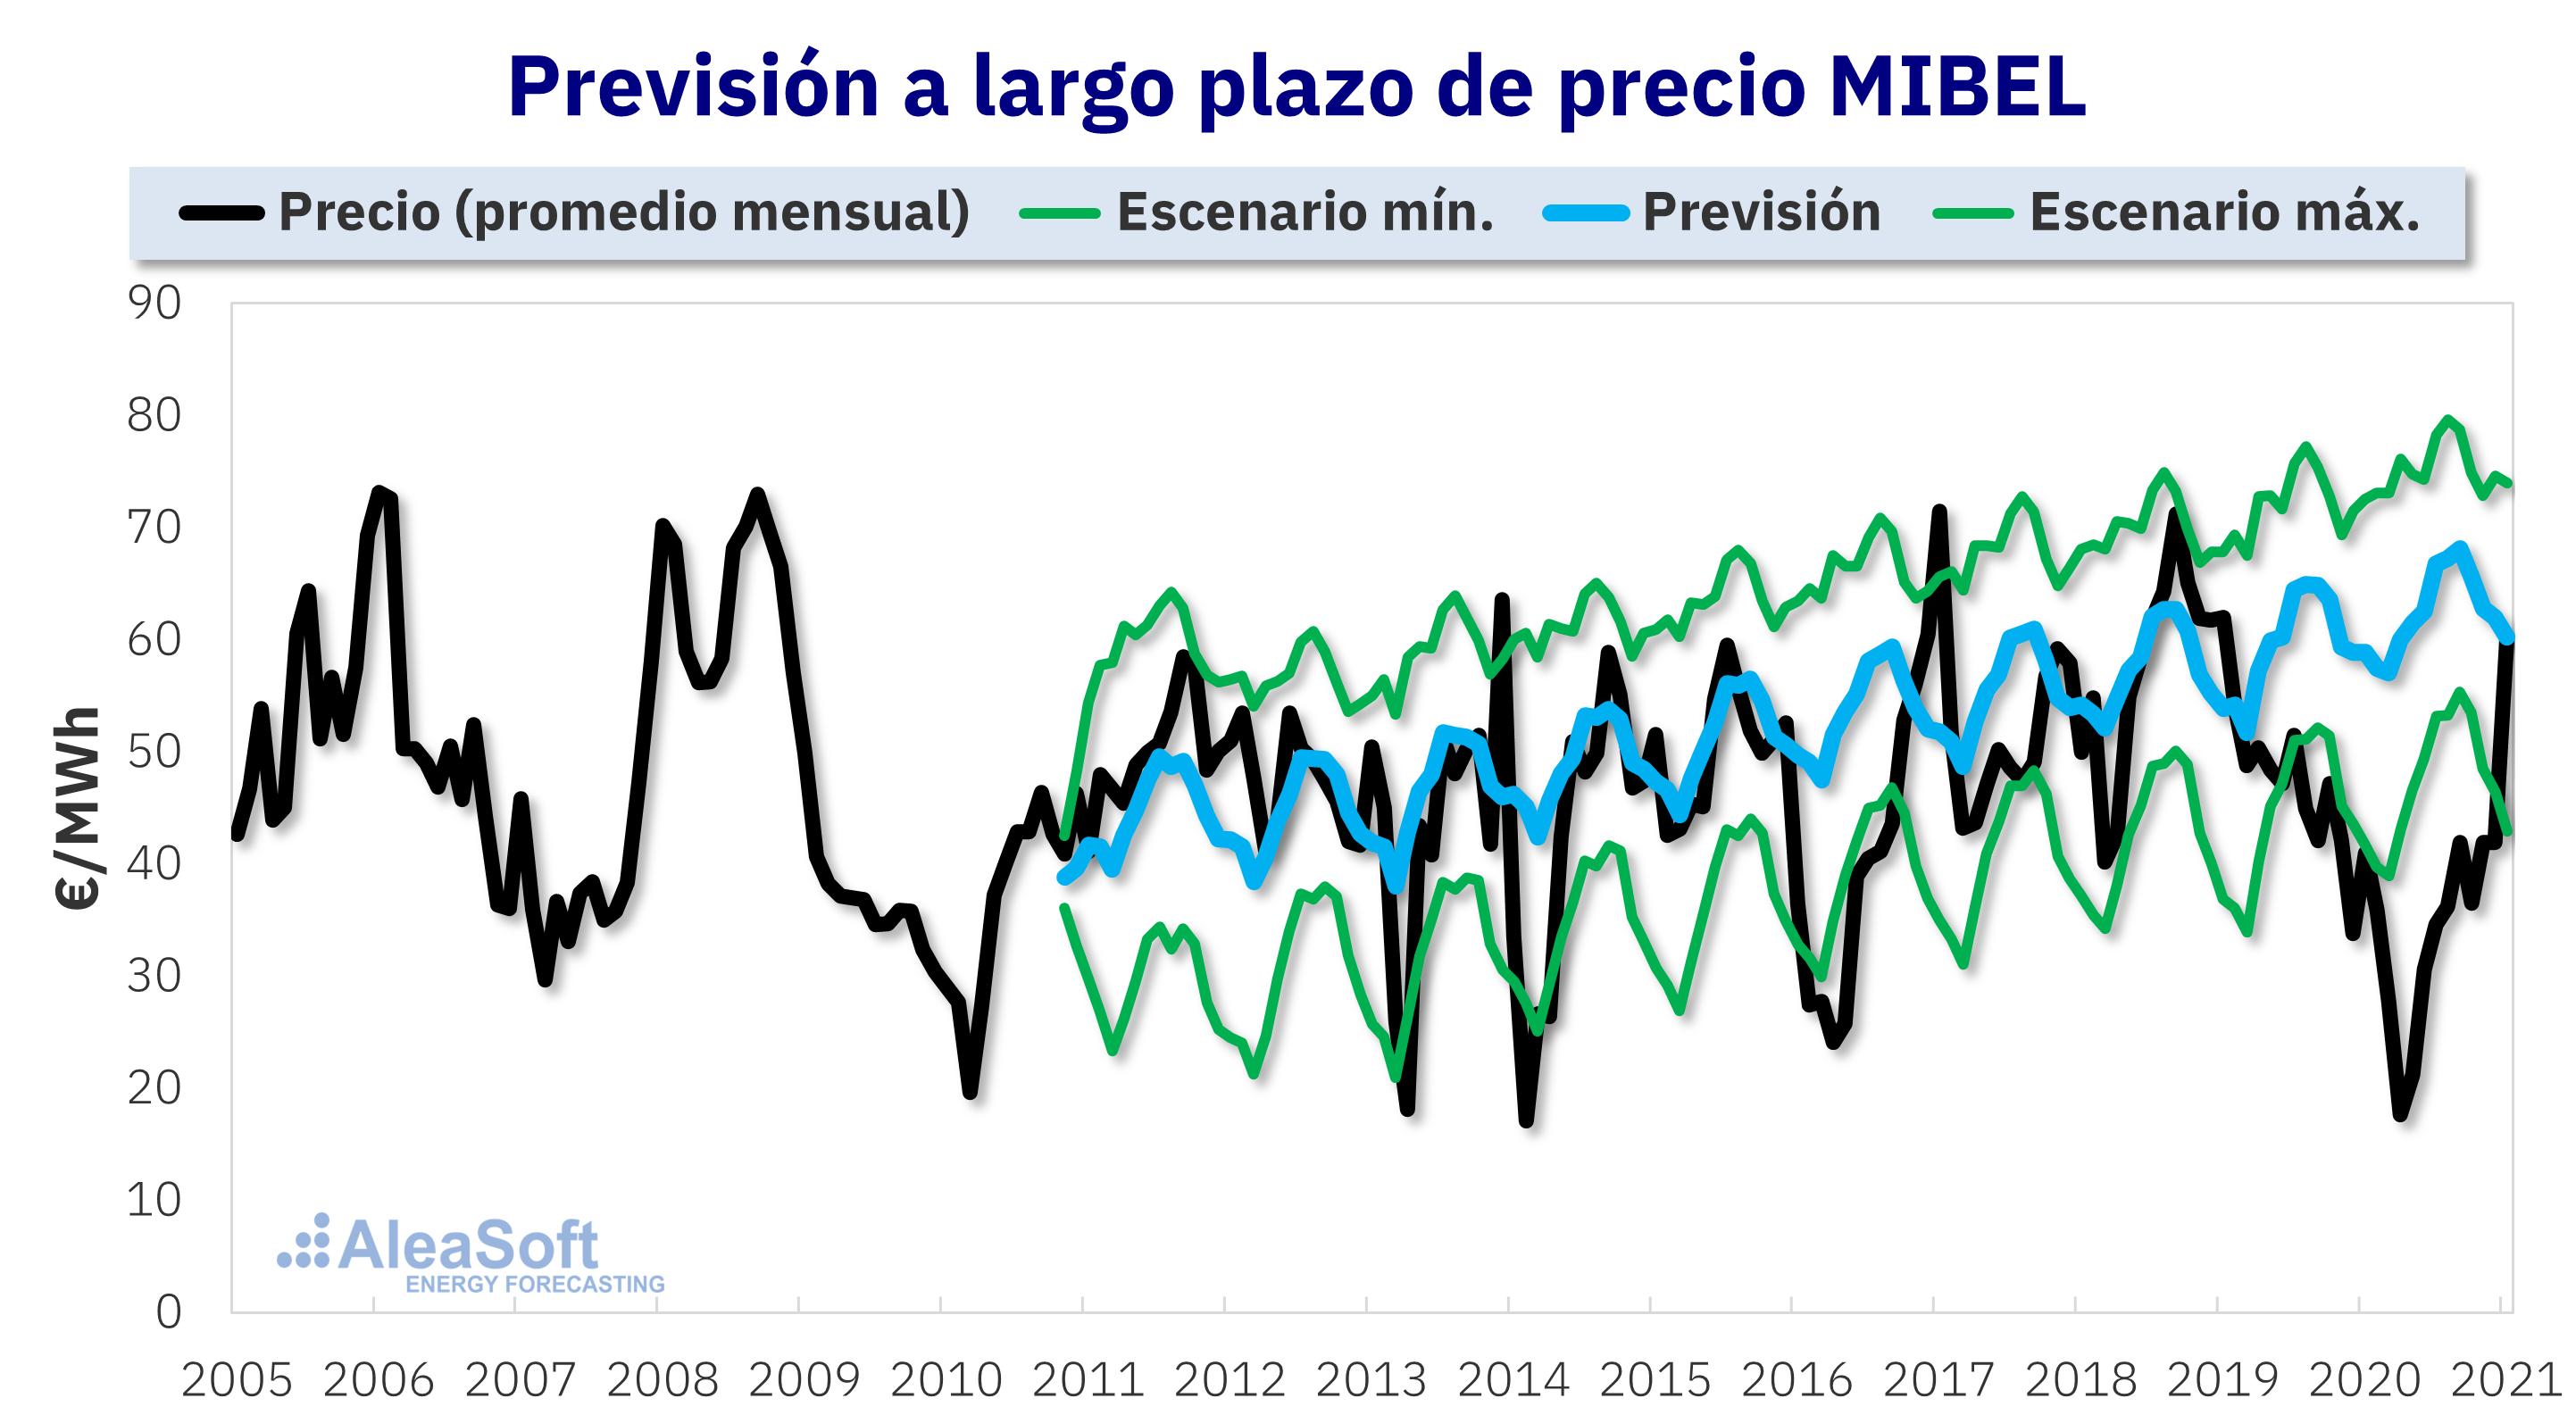 n de prec- ios a largo plazo del mercado MIBEL realizada en octubre de 2010.